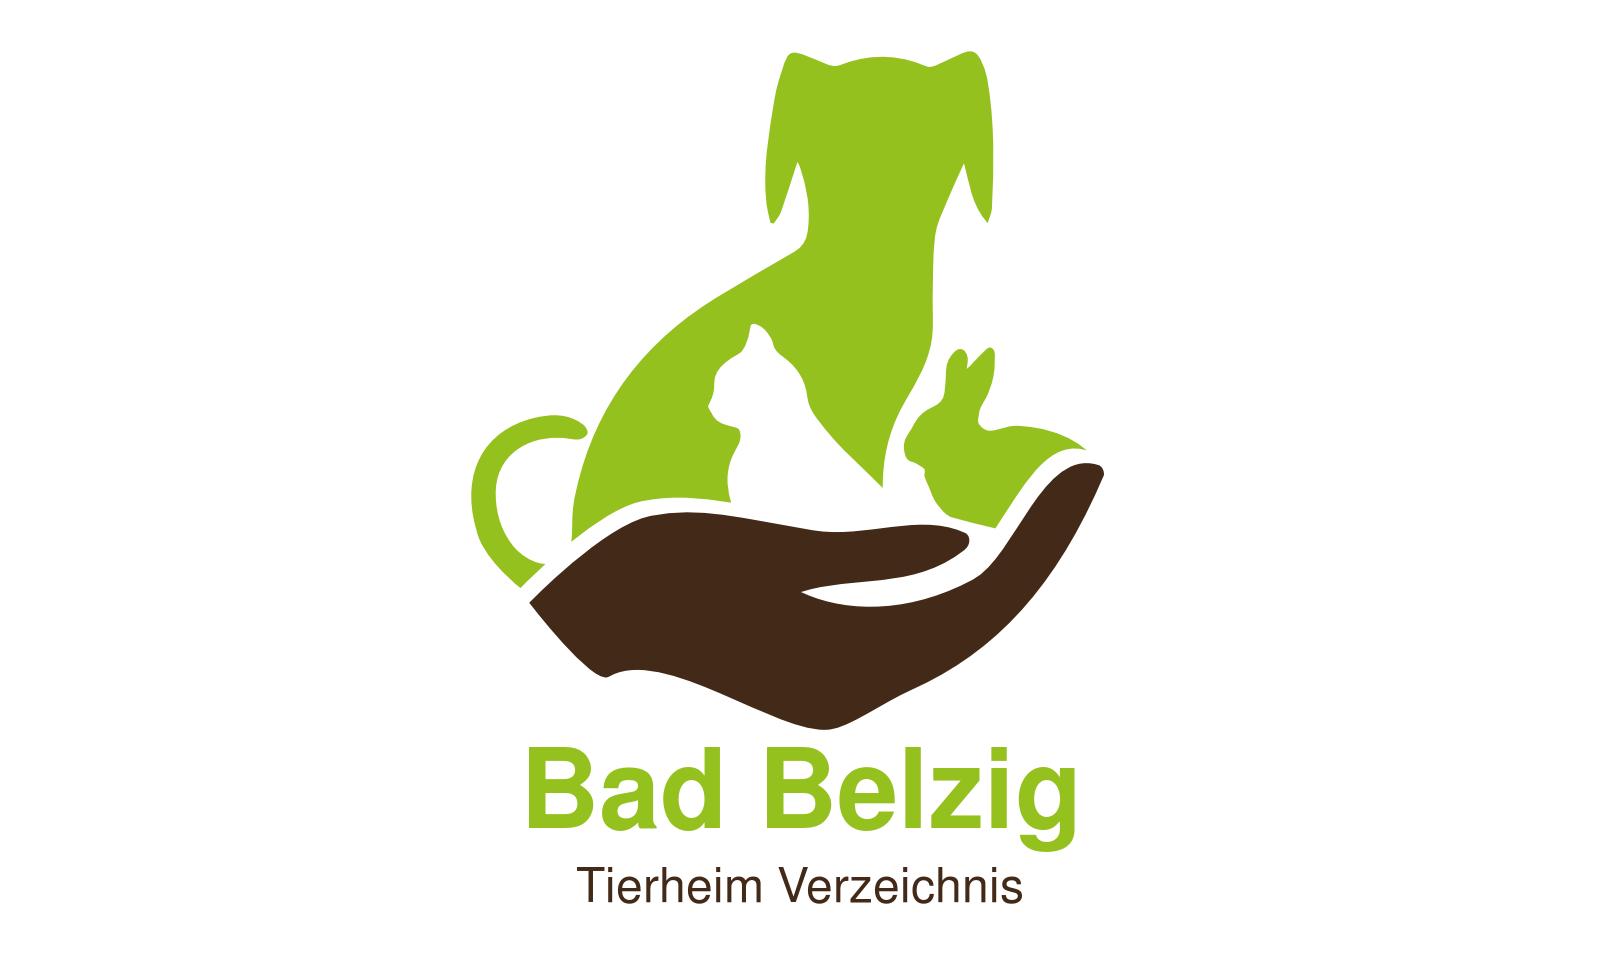 Tierheim Bad Belzig